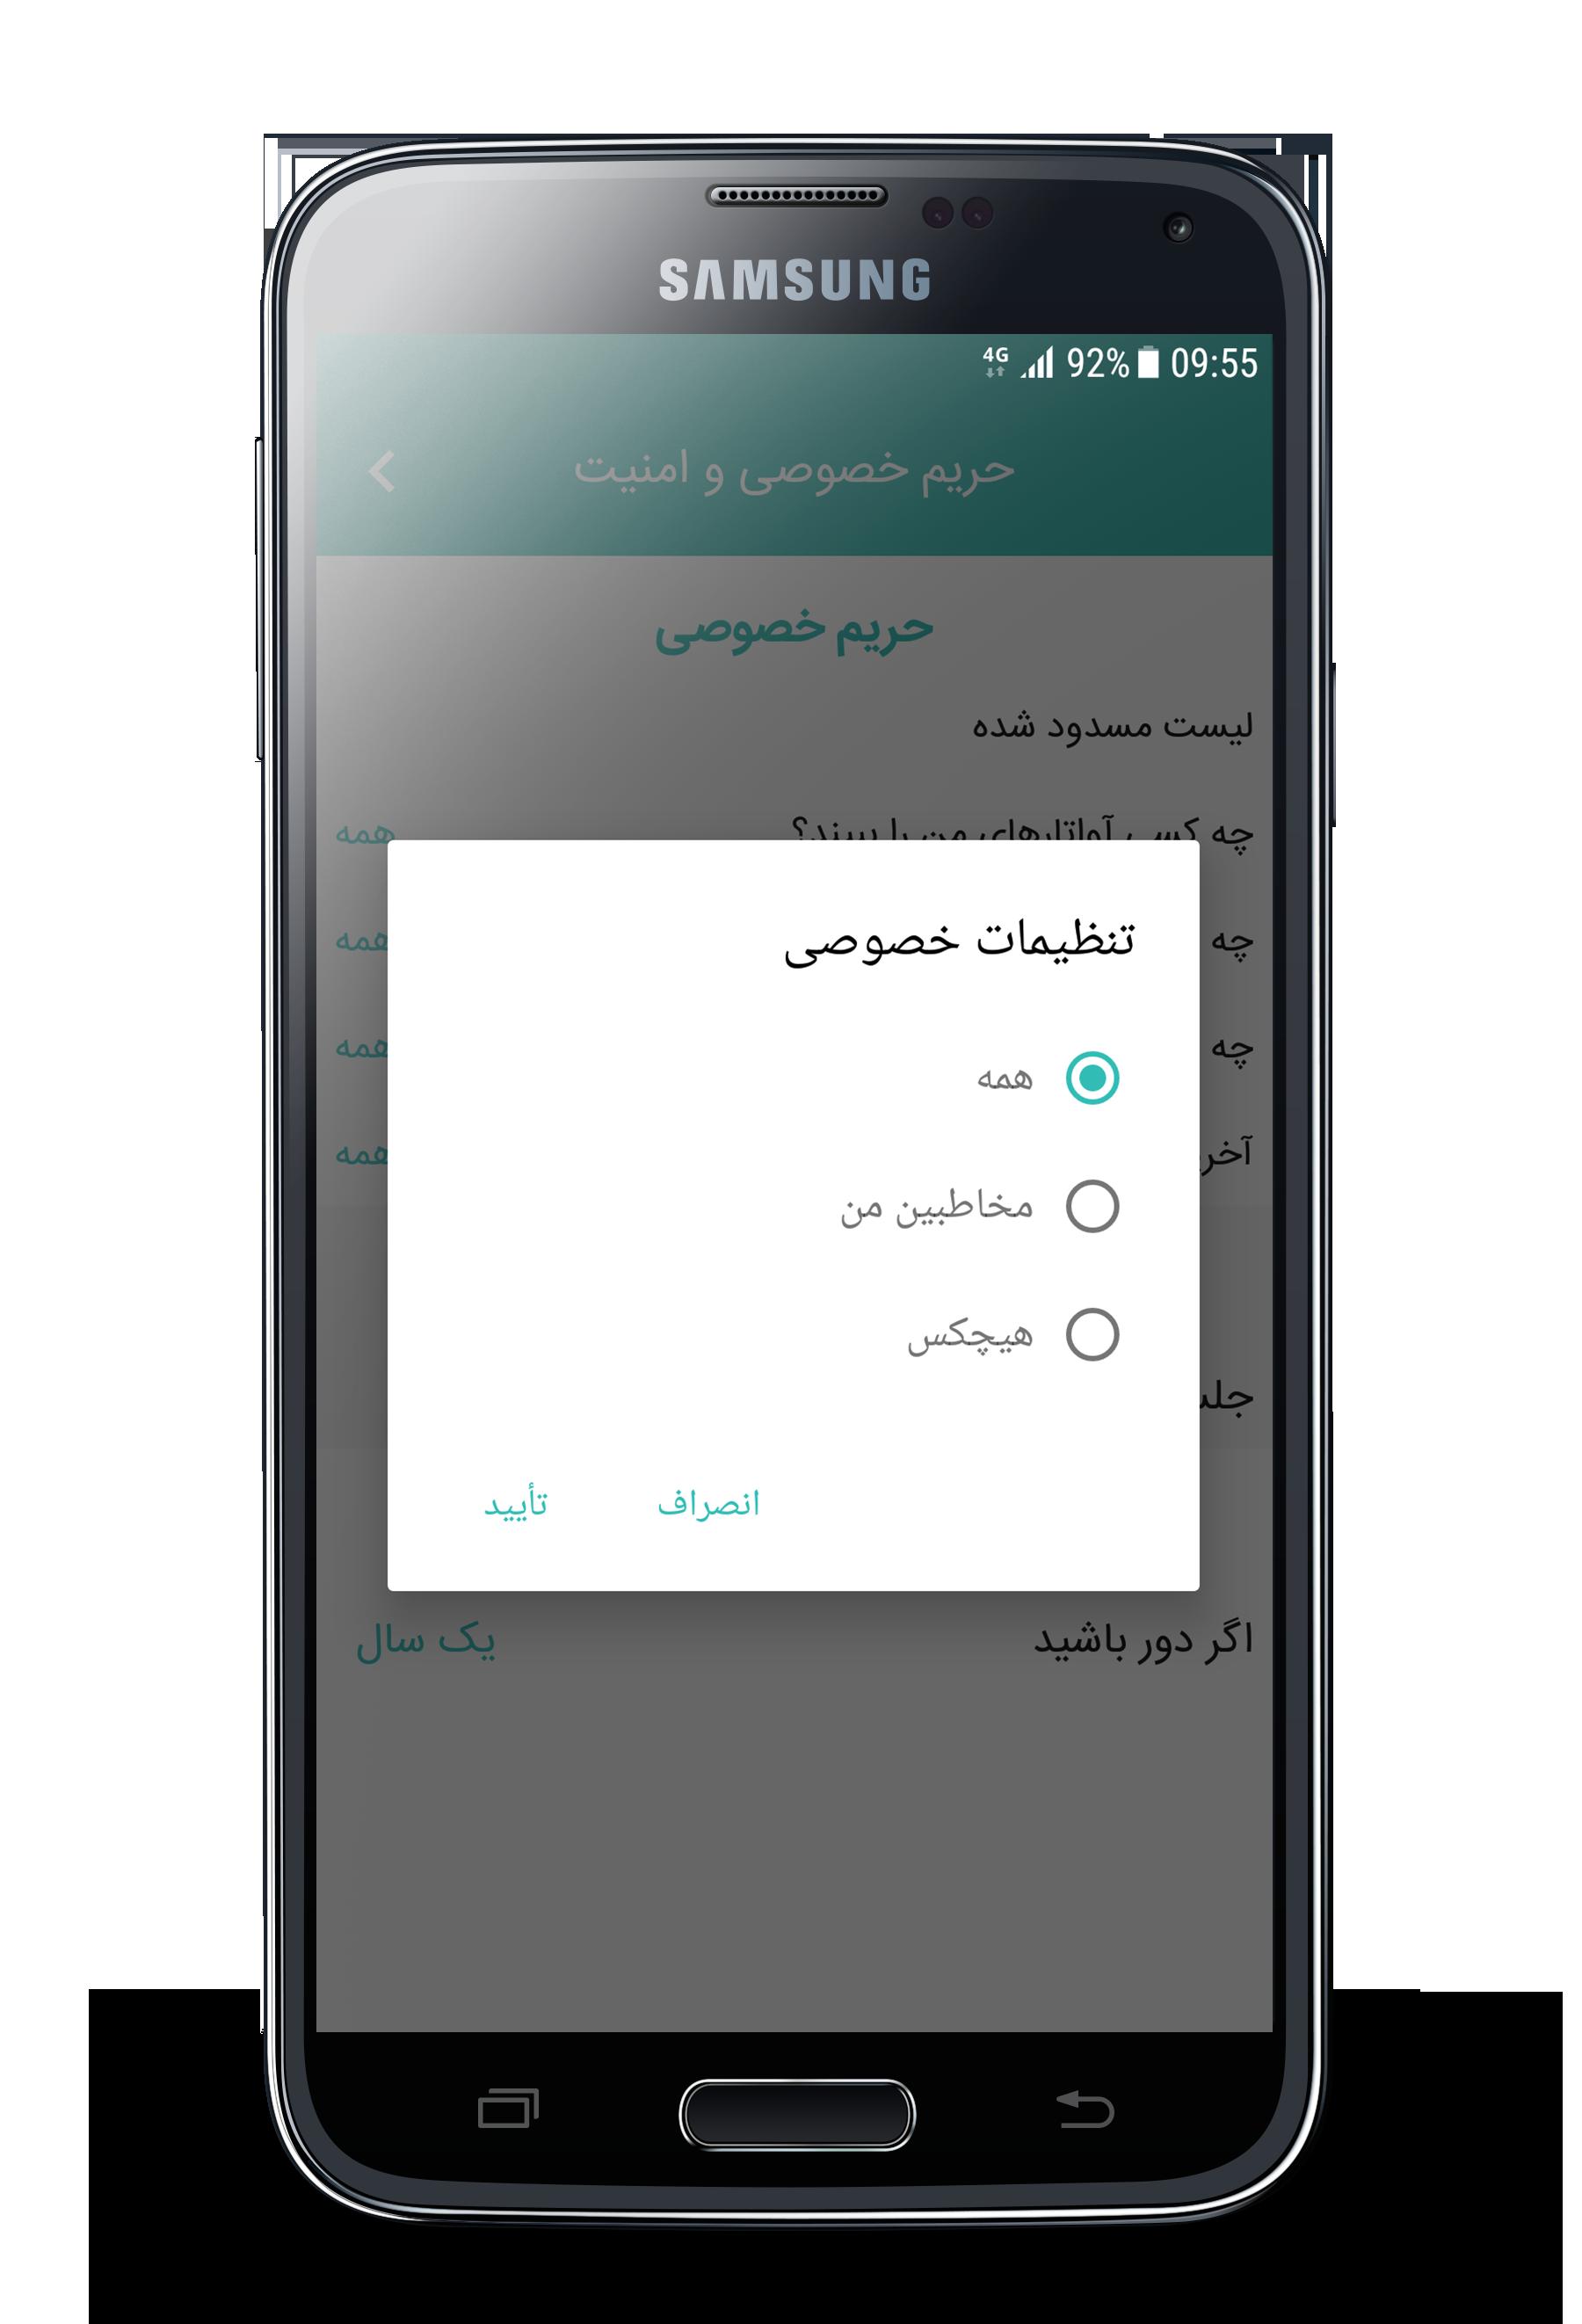 حریم خصوصی و تنظیمات دریافت لینک دعوت کانال در نسخه اندروید آیگپ